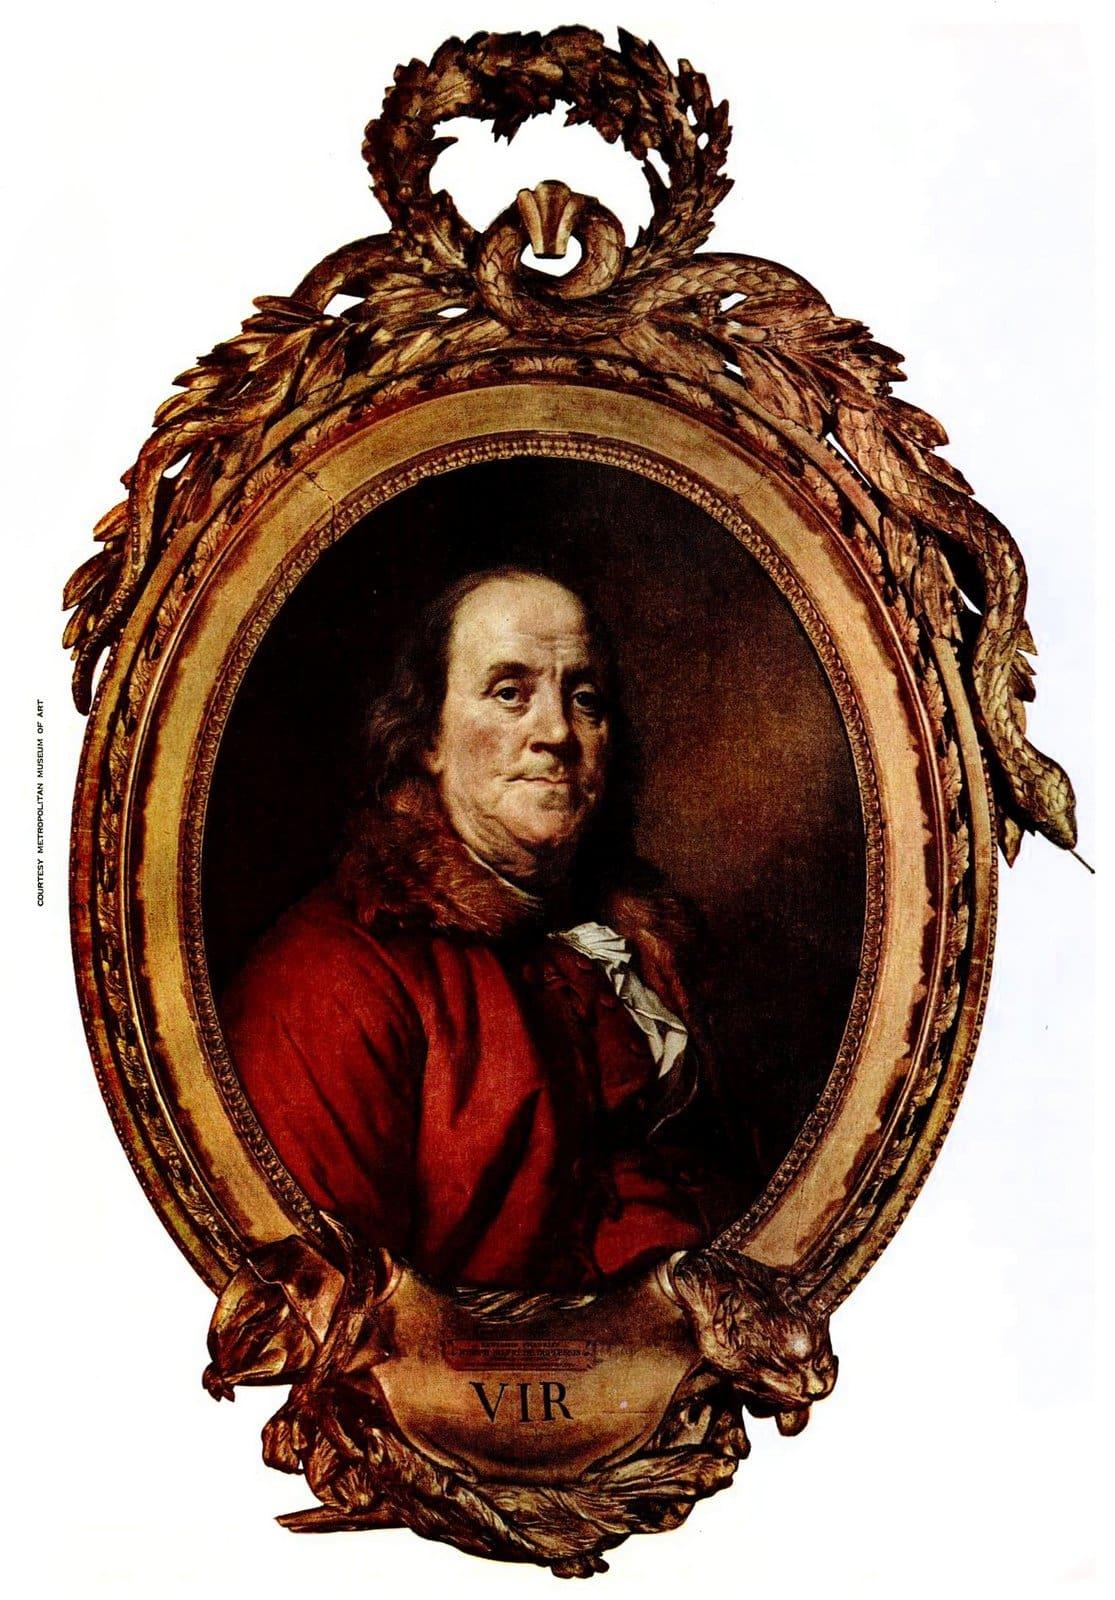 Vintage portrait of Benjamin Franklin